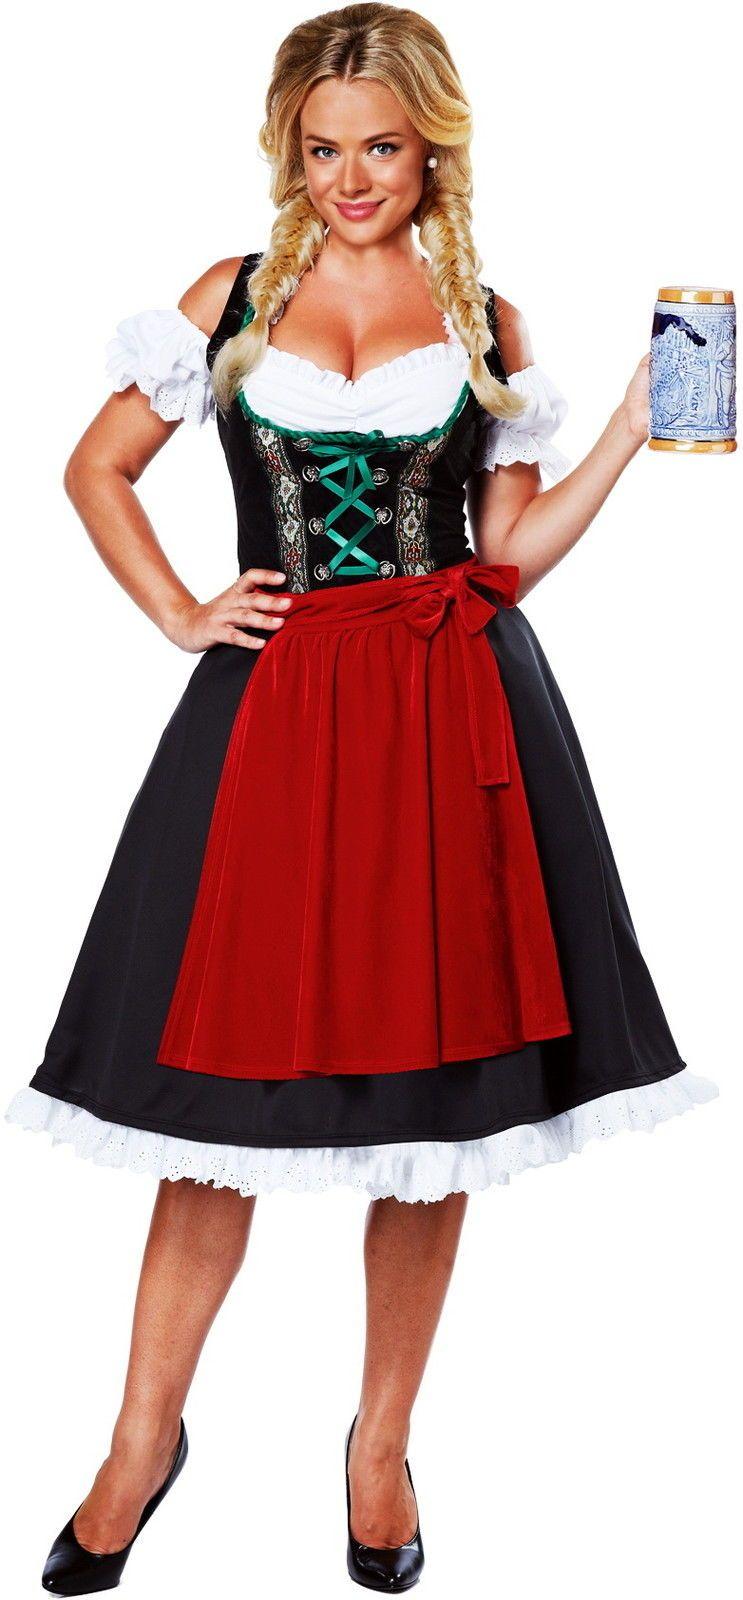 a393d10e1aa2 Cheers Traditional German Dirndl Fraulein Dress Oktoberfest Costume Adult  Women